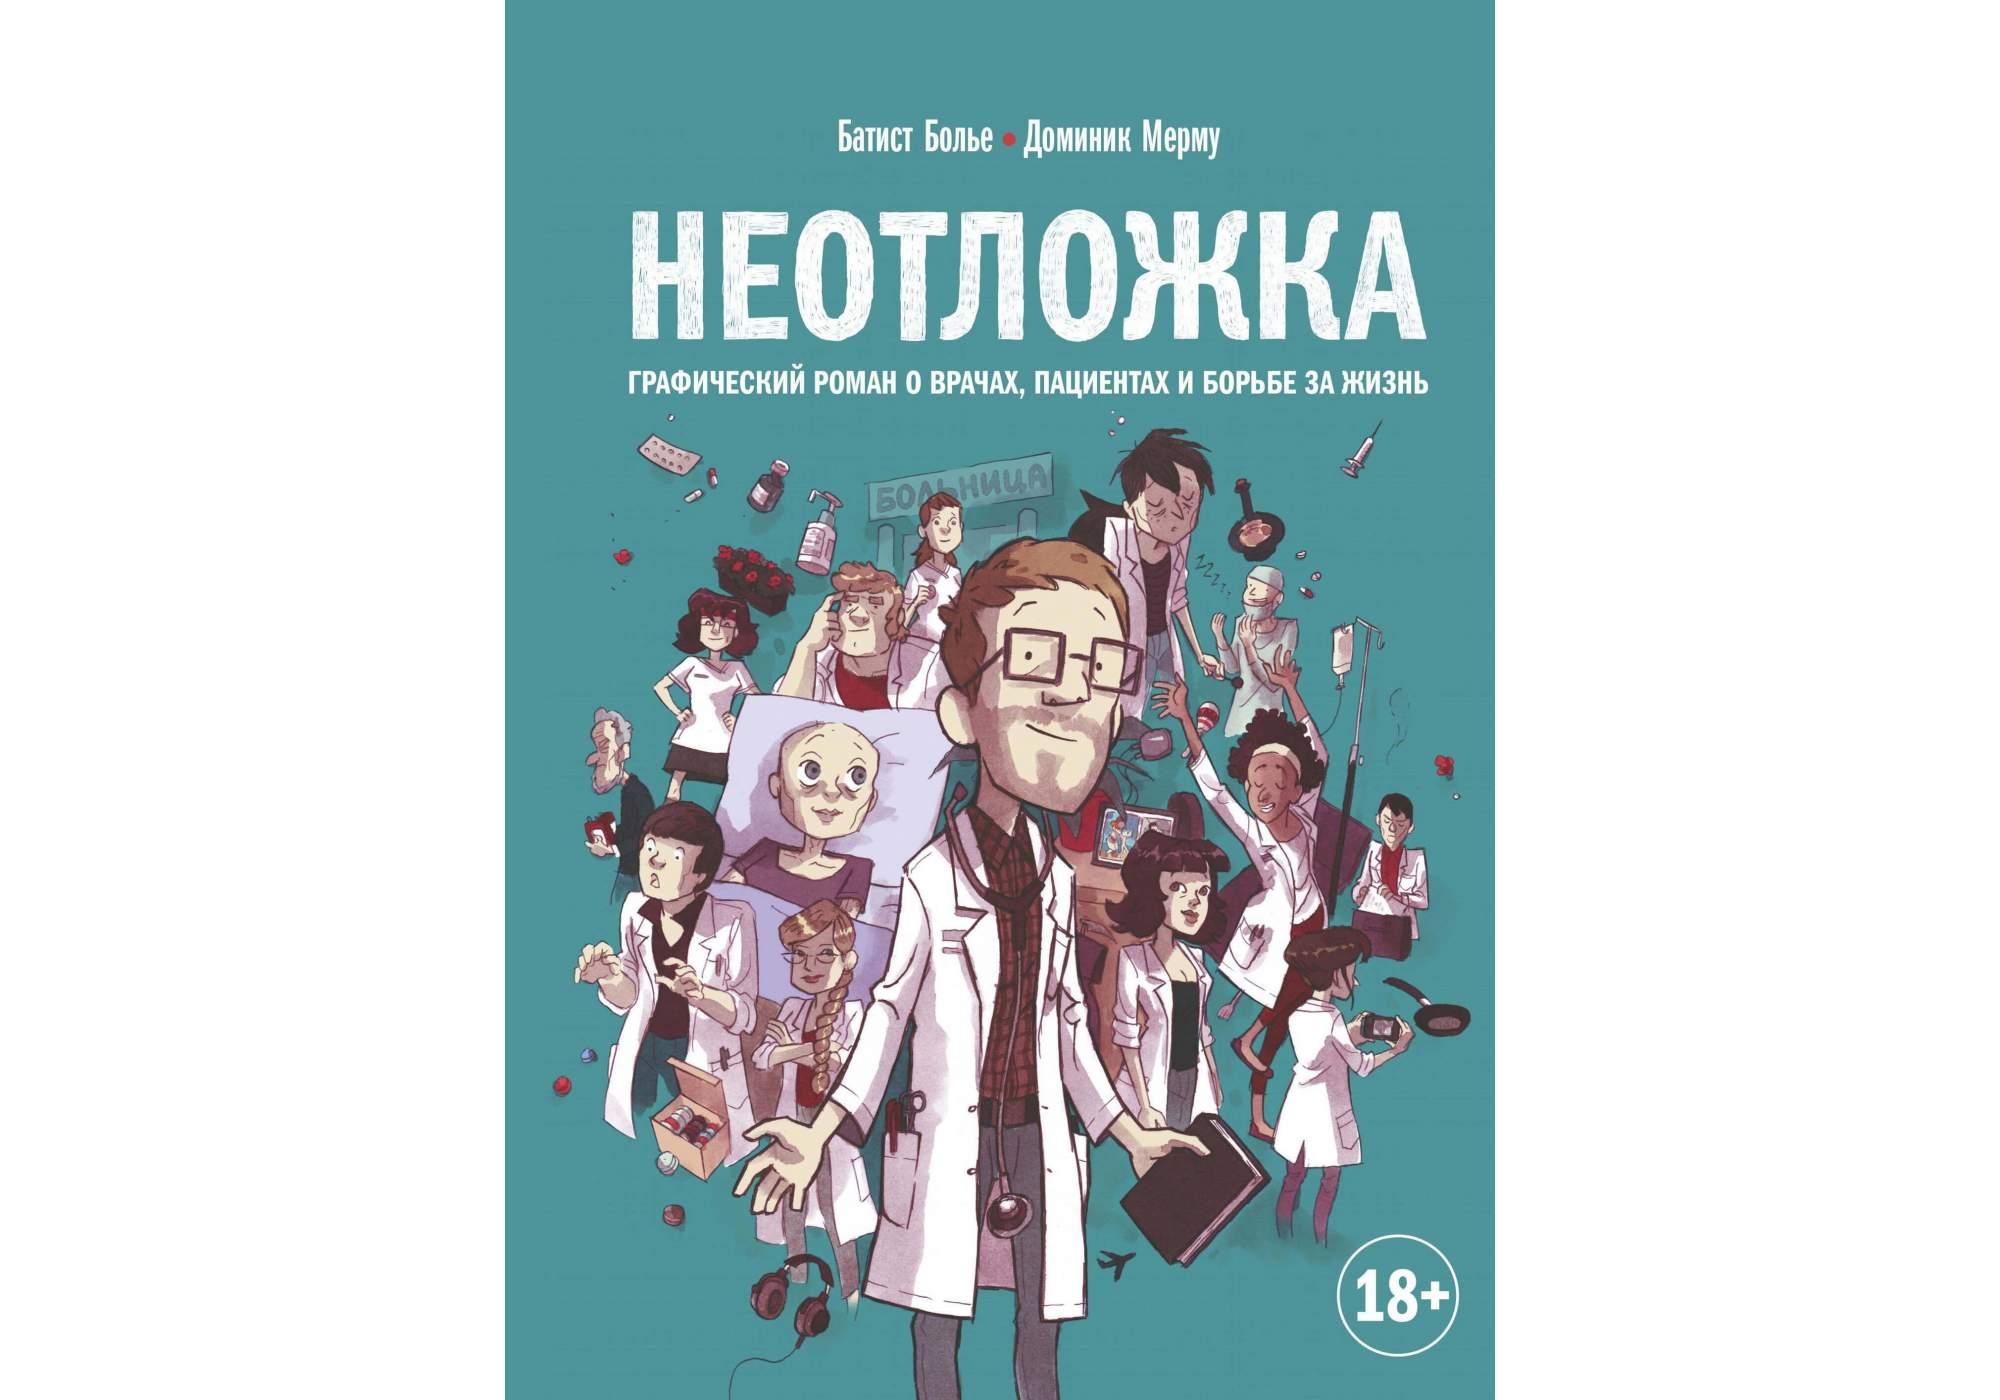 Комикс Батист Болье: Неотложка, Графический роман о врачах, пациентах и борьбе за жизнь